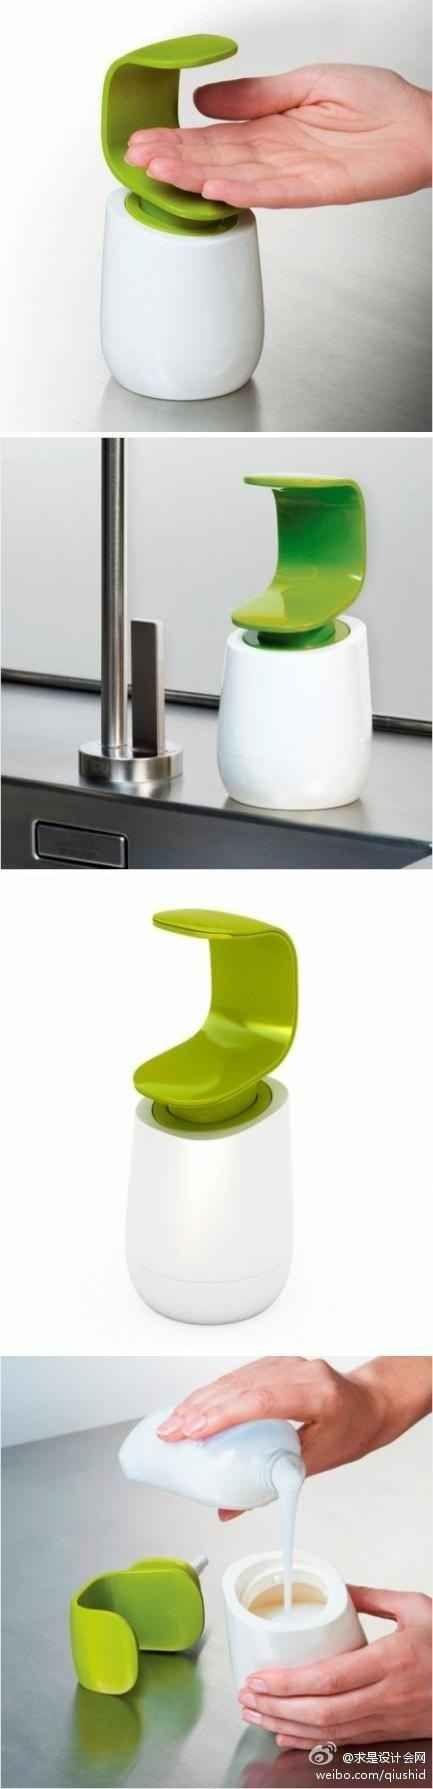 Este dispensador de jabón mantiene todos los gérmenes de sus dedos sucios fuera del dosificador.